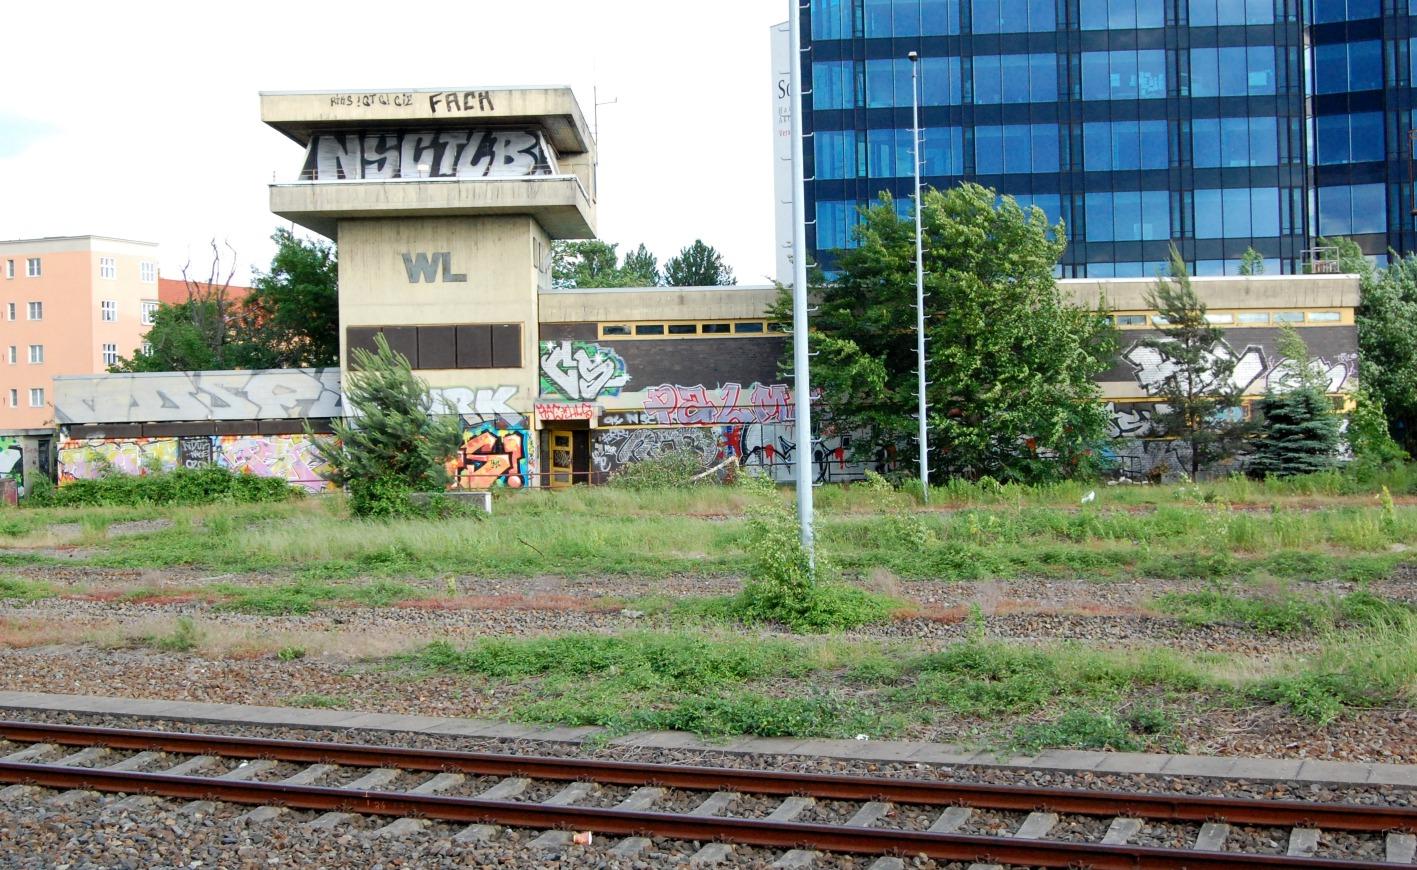 Gesehen vom Perron des S-Bahnhofs Innsbrucker Platz aus